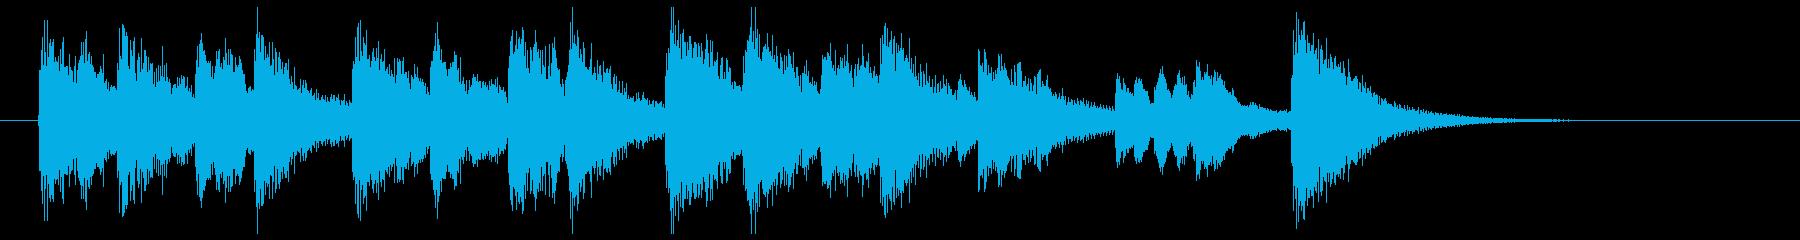 プロローグ マリンバ風メロディの再生済みの波形